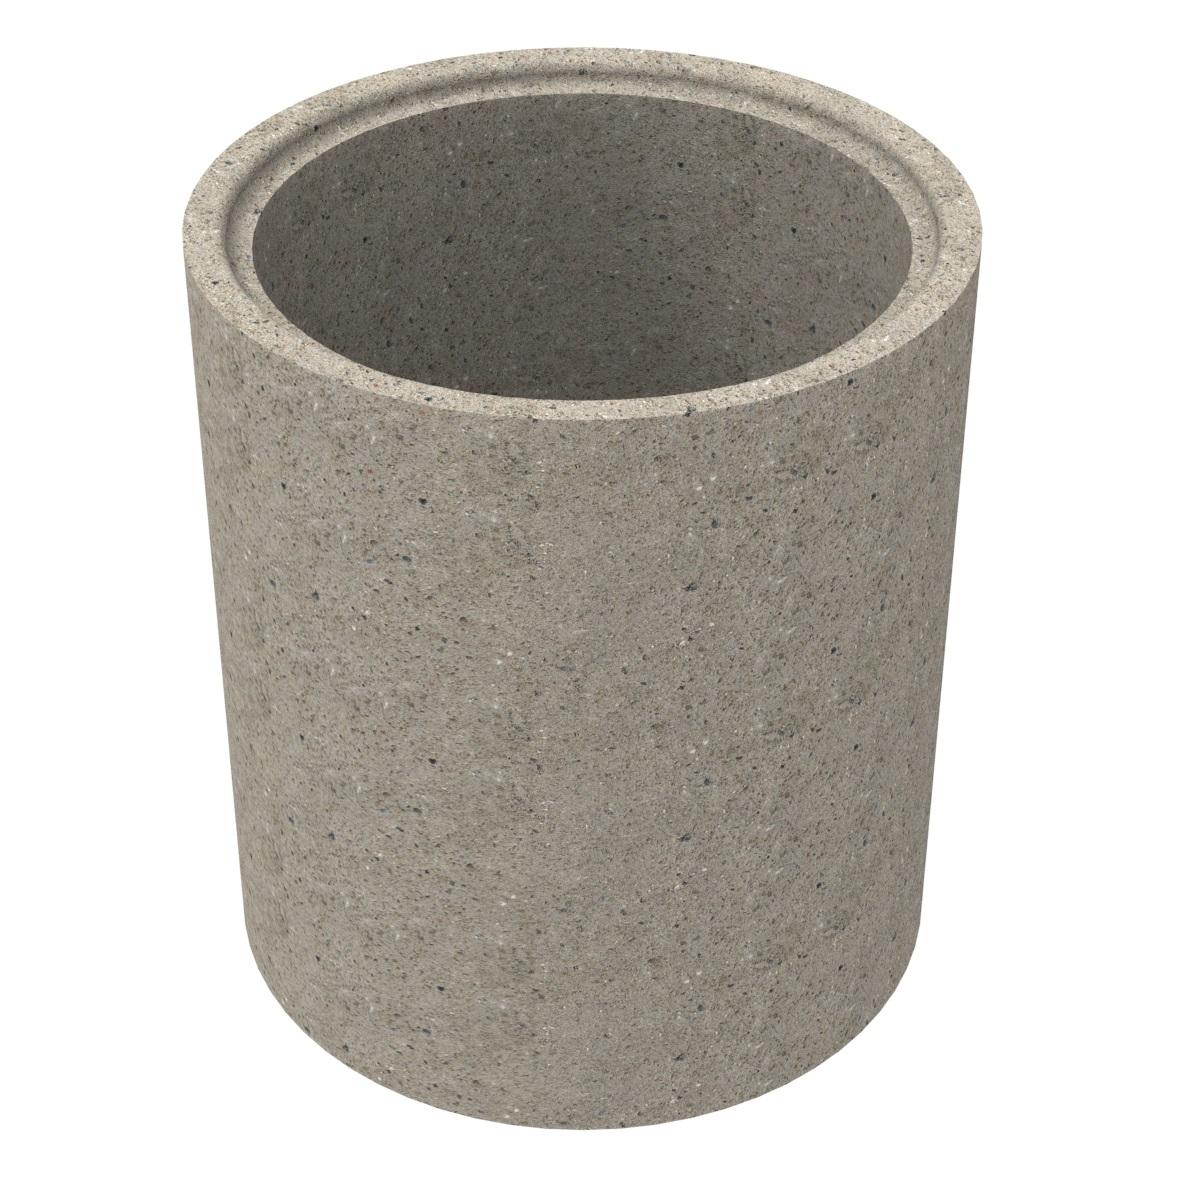 Anneau préfabriqué en béton pour puits80x100